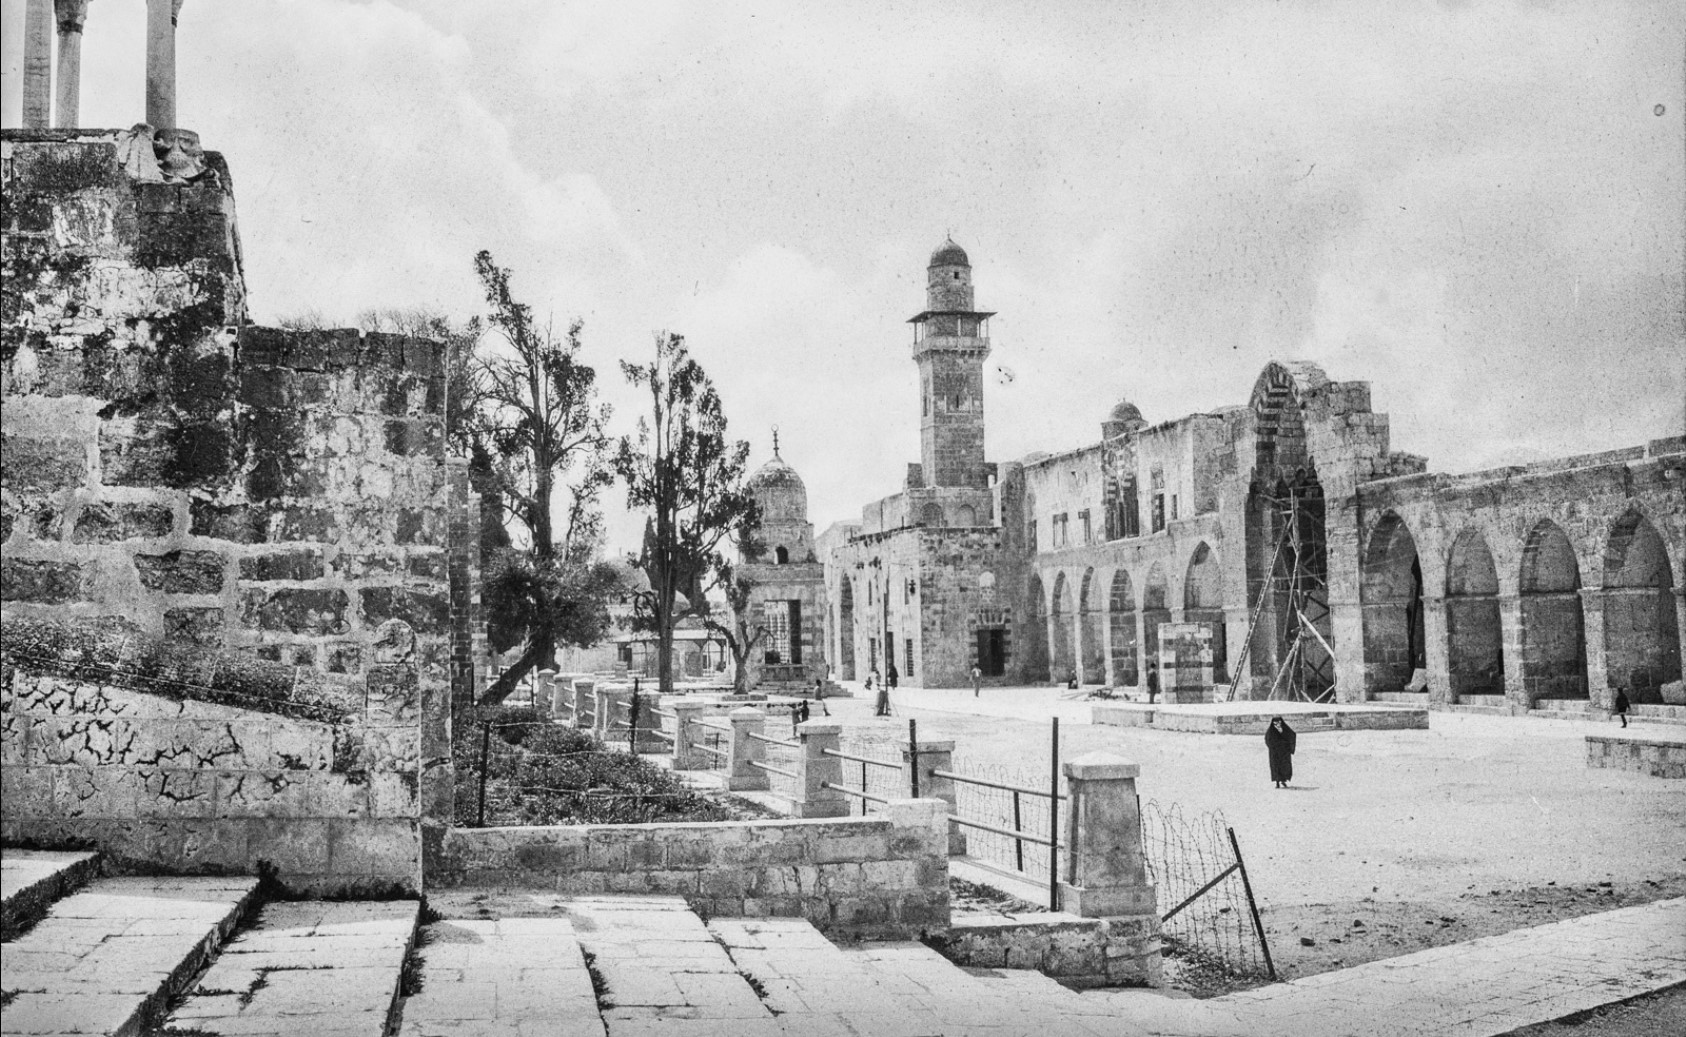 Иерусалим. Минарет Баб Аль Силсила в мечети аль-Акса